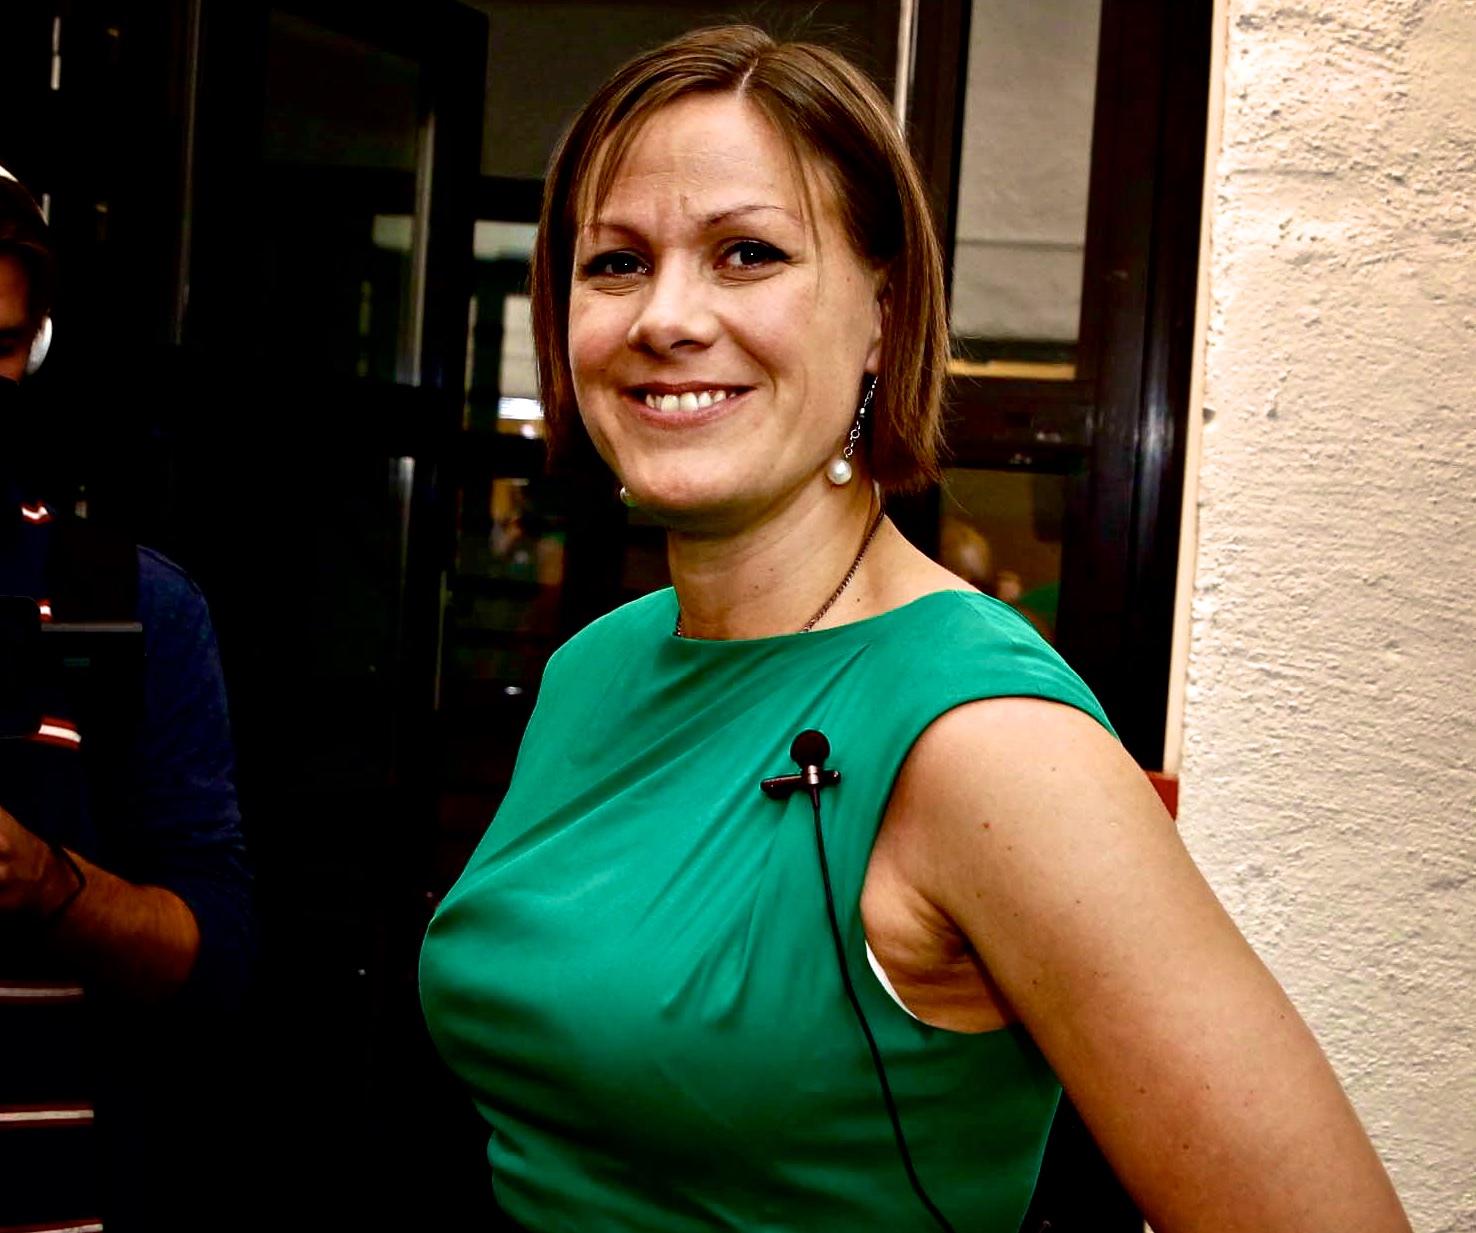 Byråd Hanna Elise Marcussen (MDG).